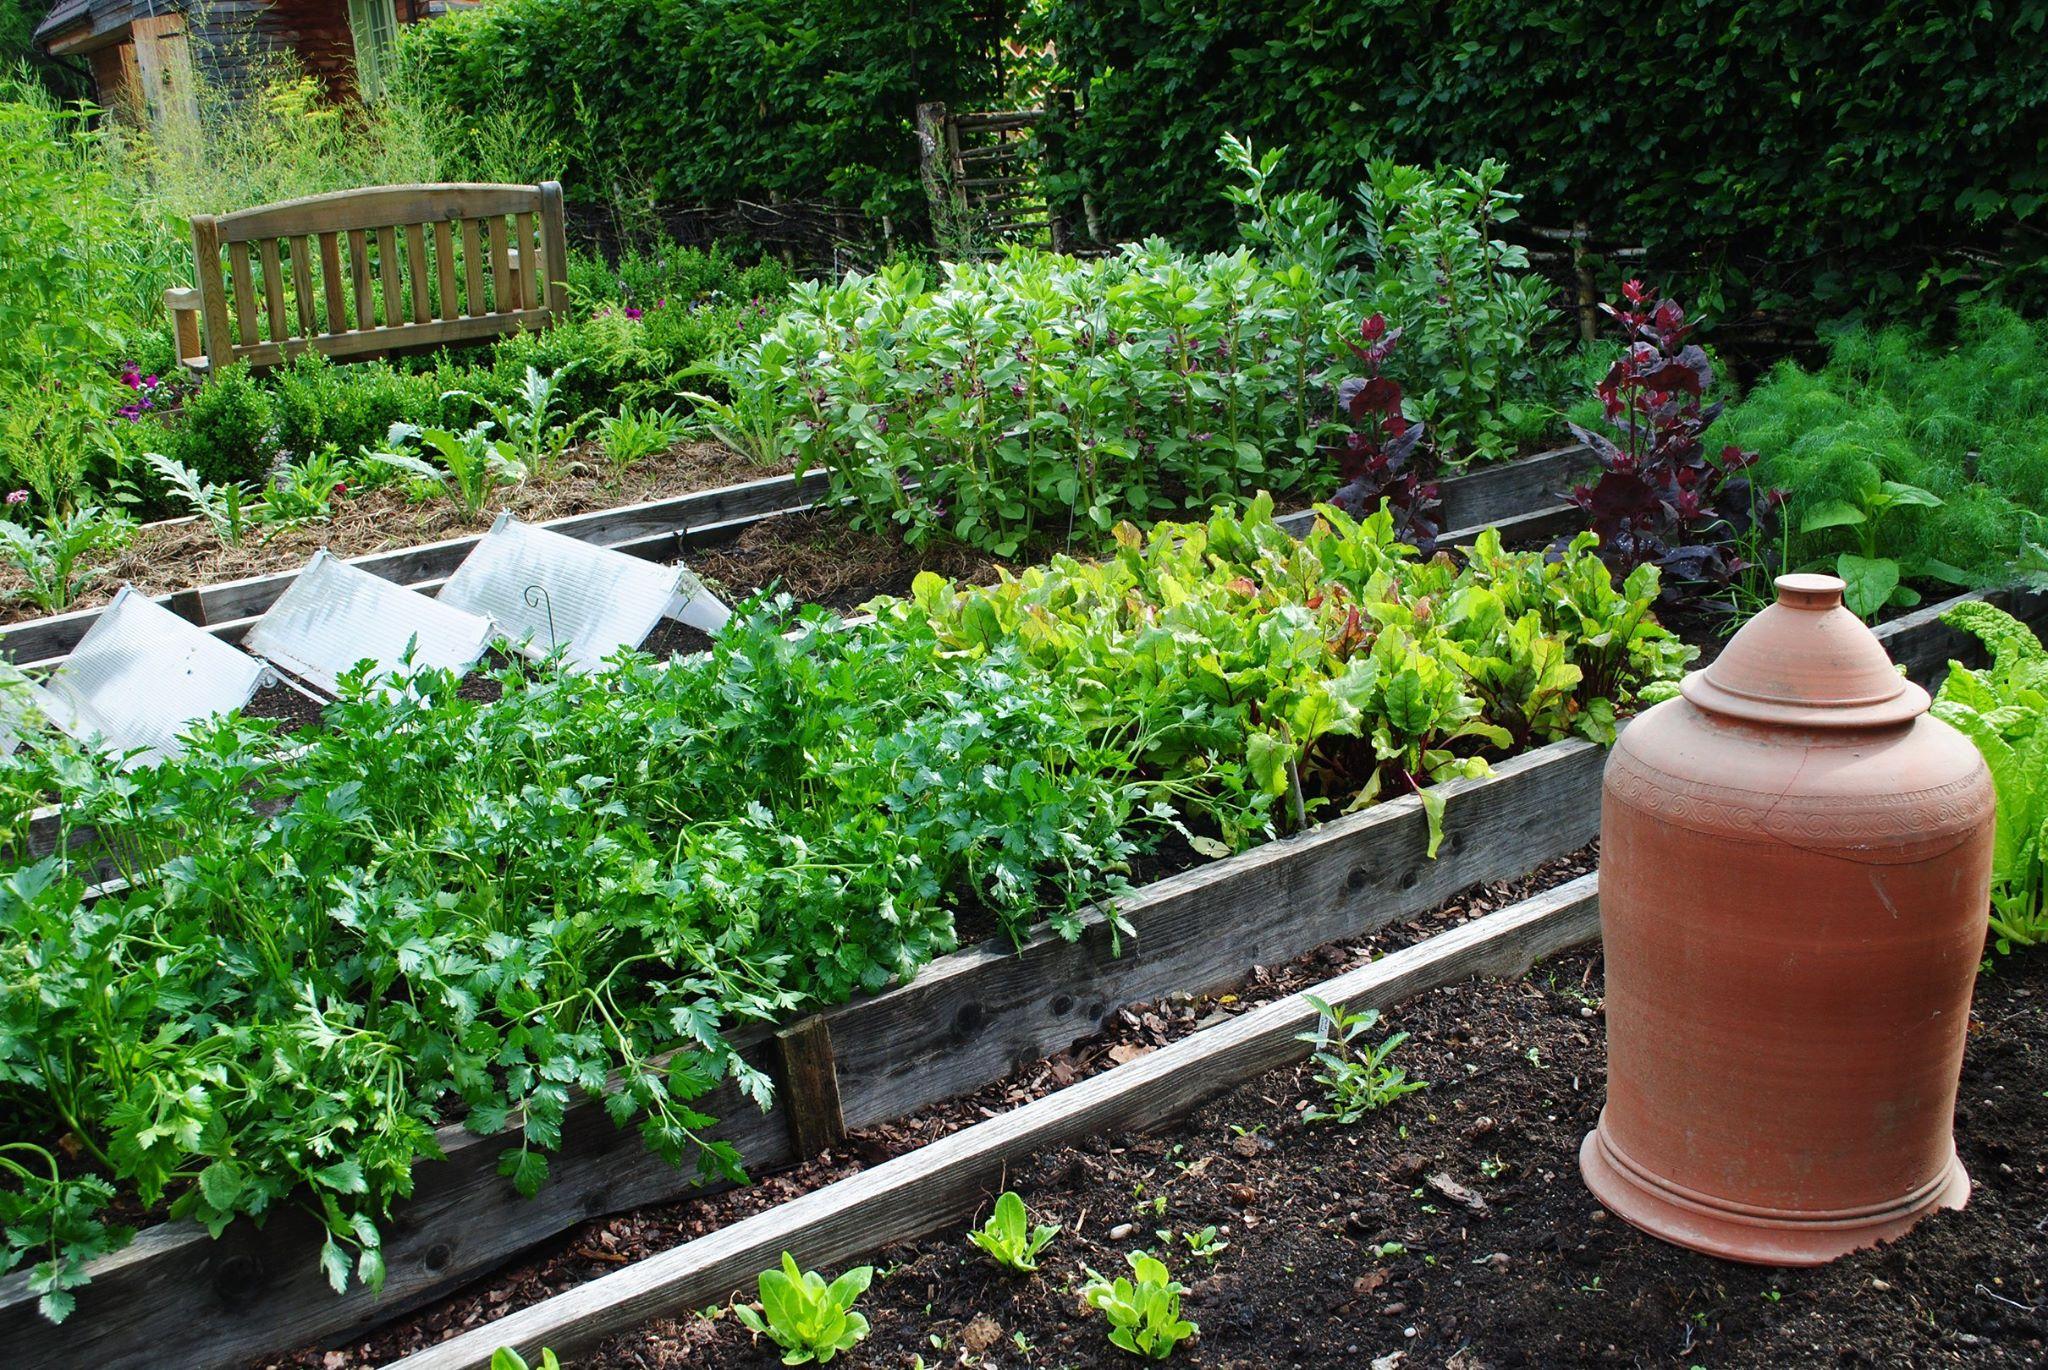 Ogrodniczka księcia Karola i jej zaczarowany ogród na Kaszubach